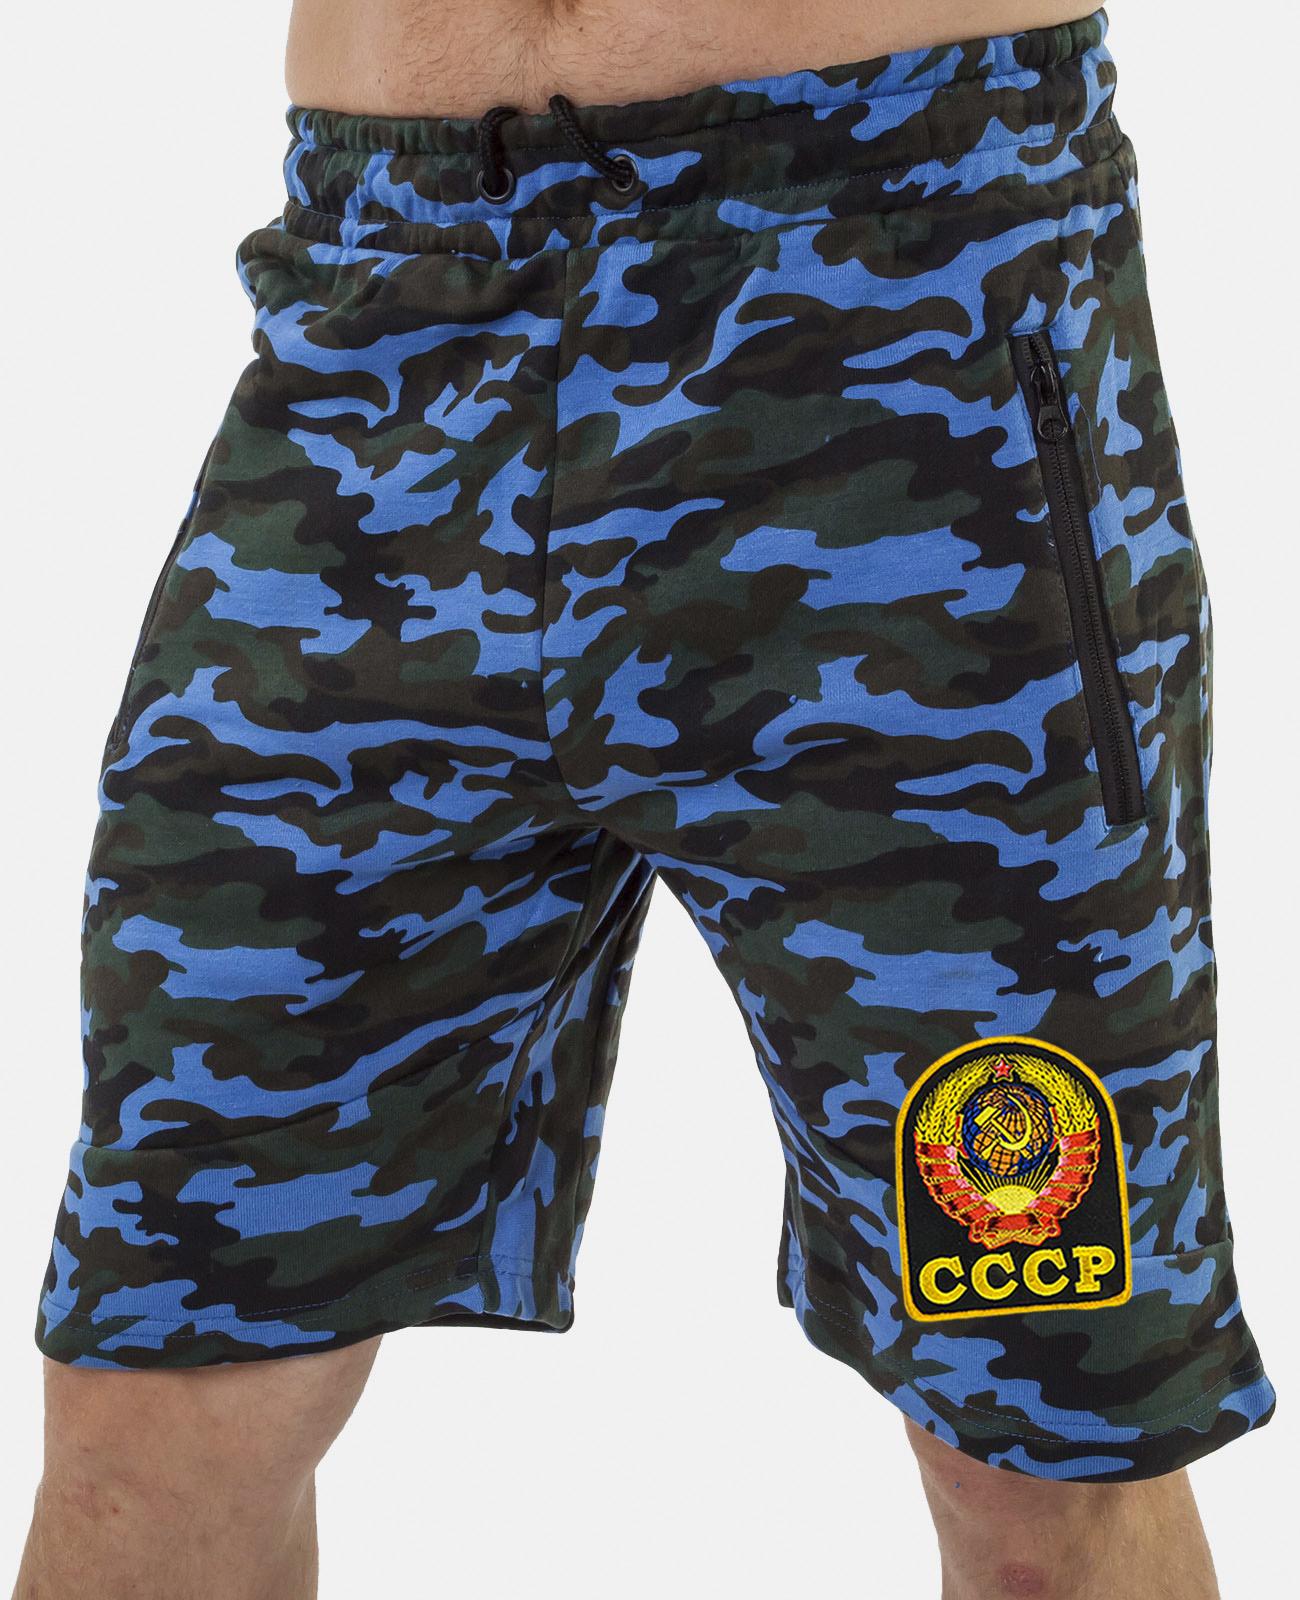 Купить удлиненные мужские шорты с нашивкой СССР оптом или в розницу